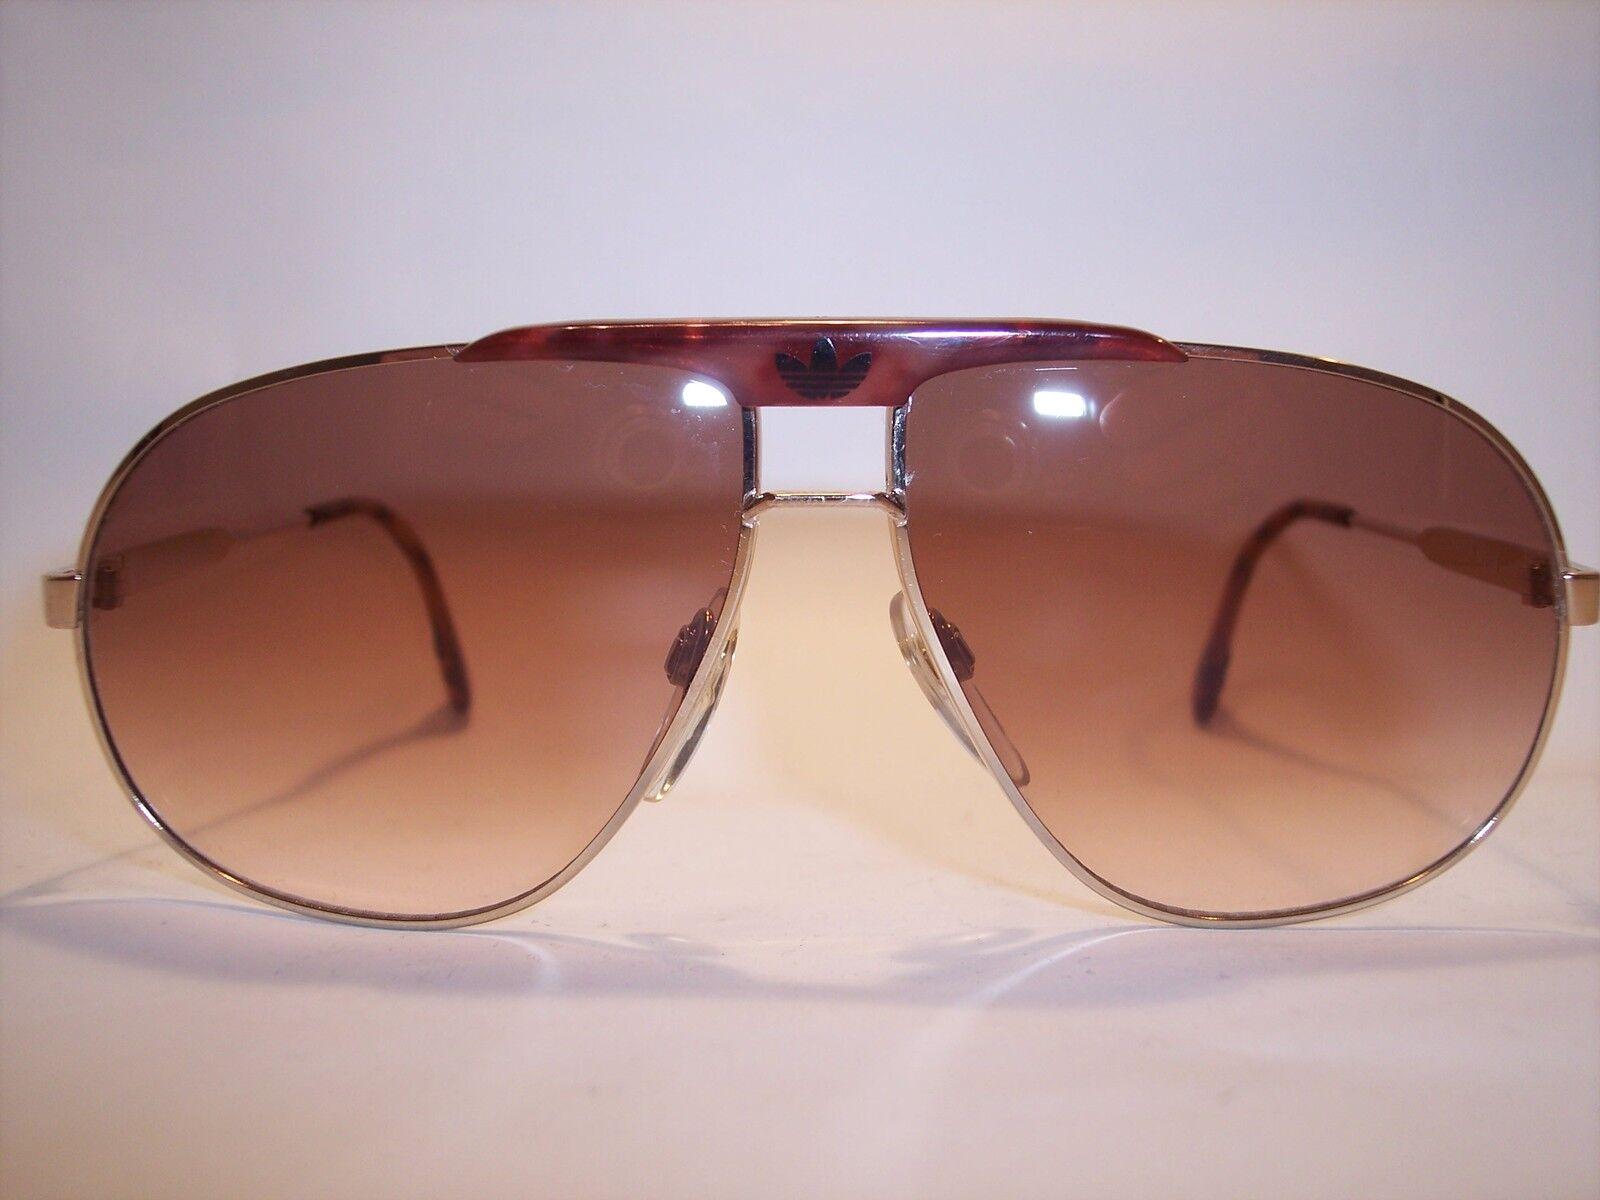 Vintage-Sonnenbrille Sunglasses by ADIDAS  Very Rare Original 90'     | Neue Sorten werden eingeführt